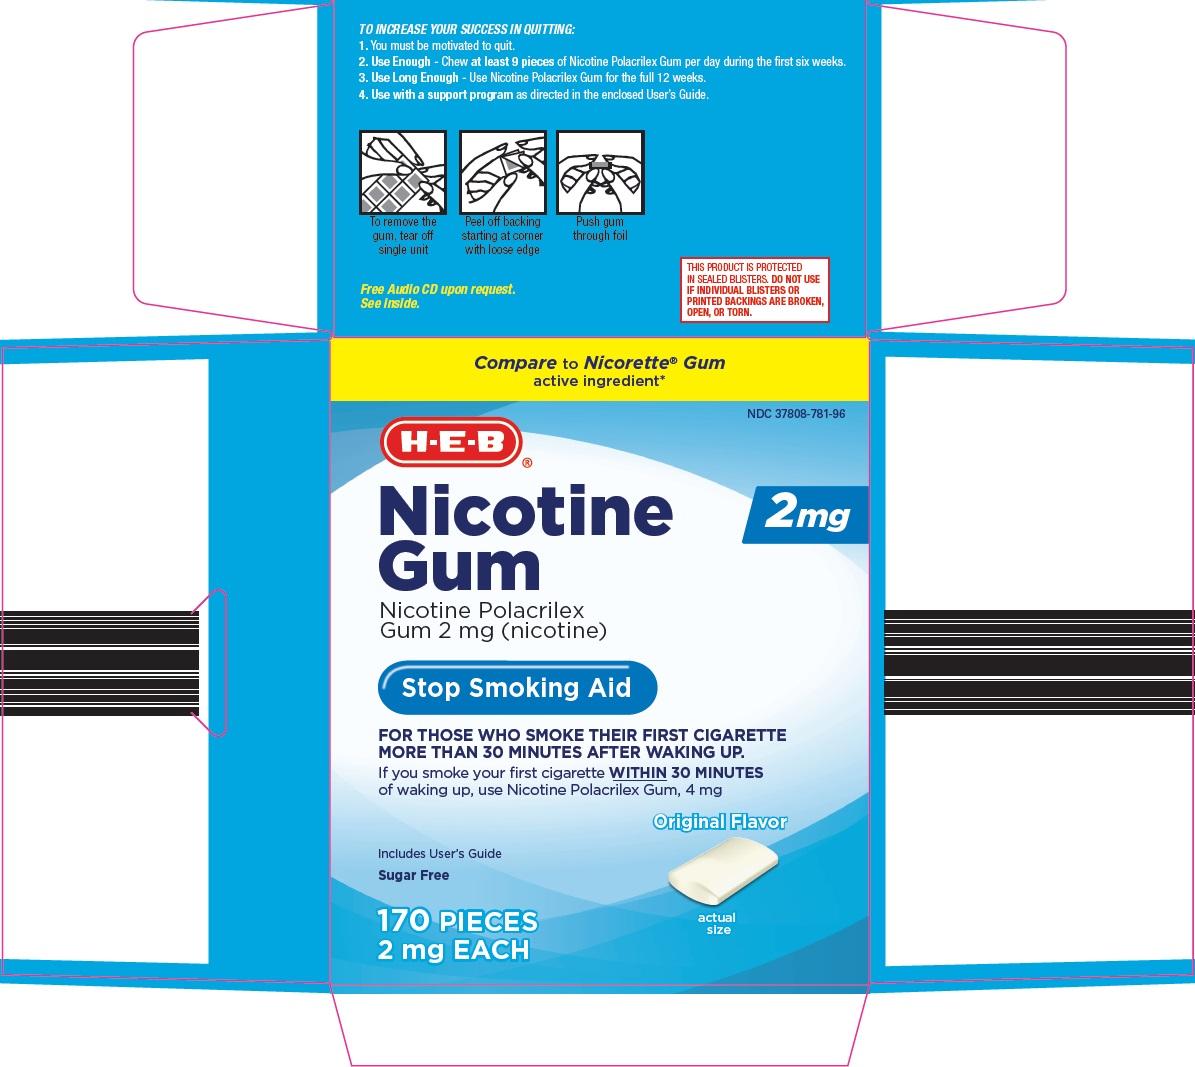 029-1j-nicotine-gum-1.jpg